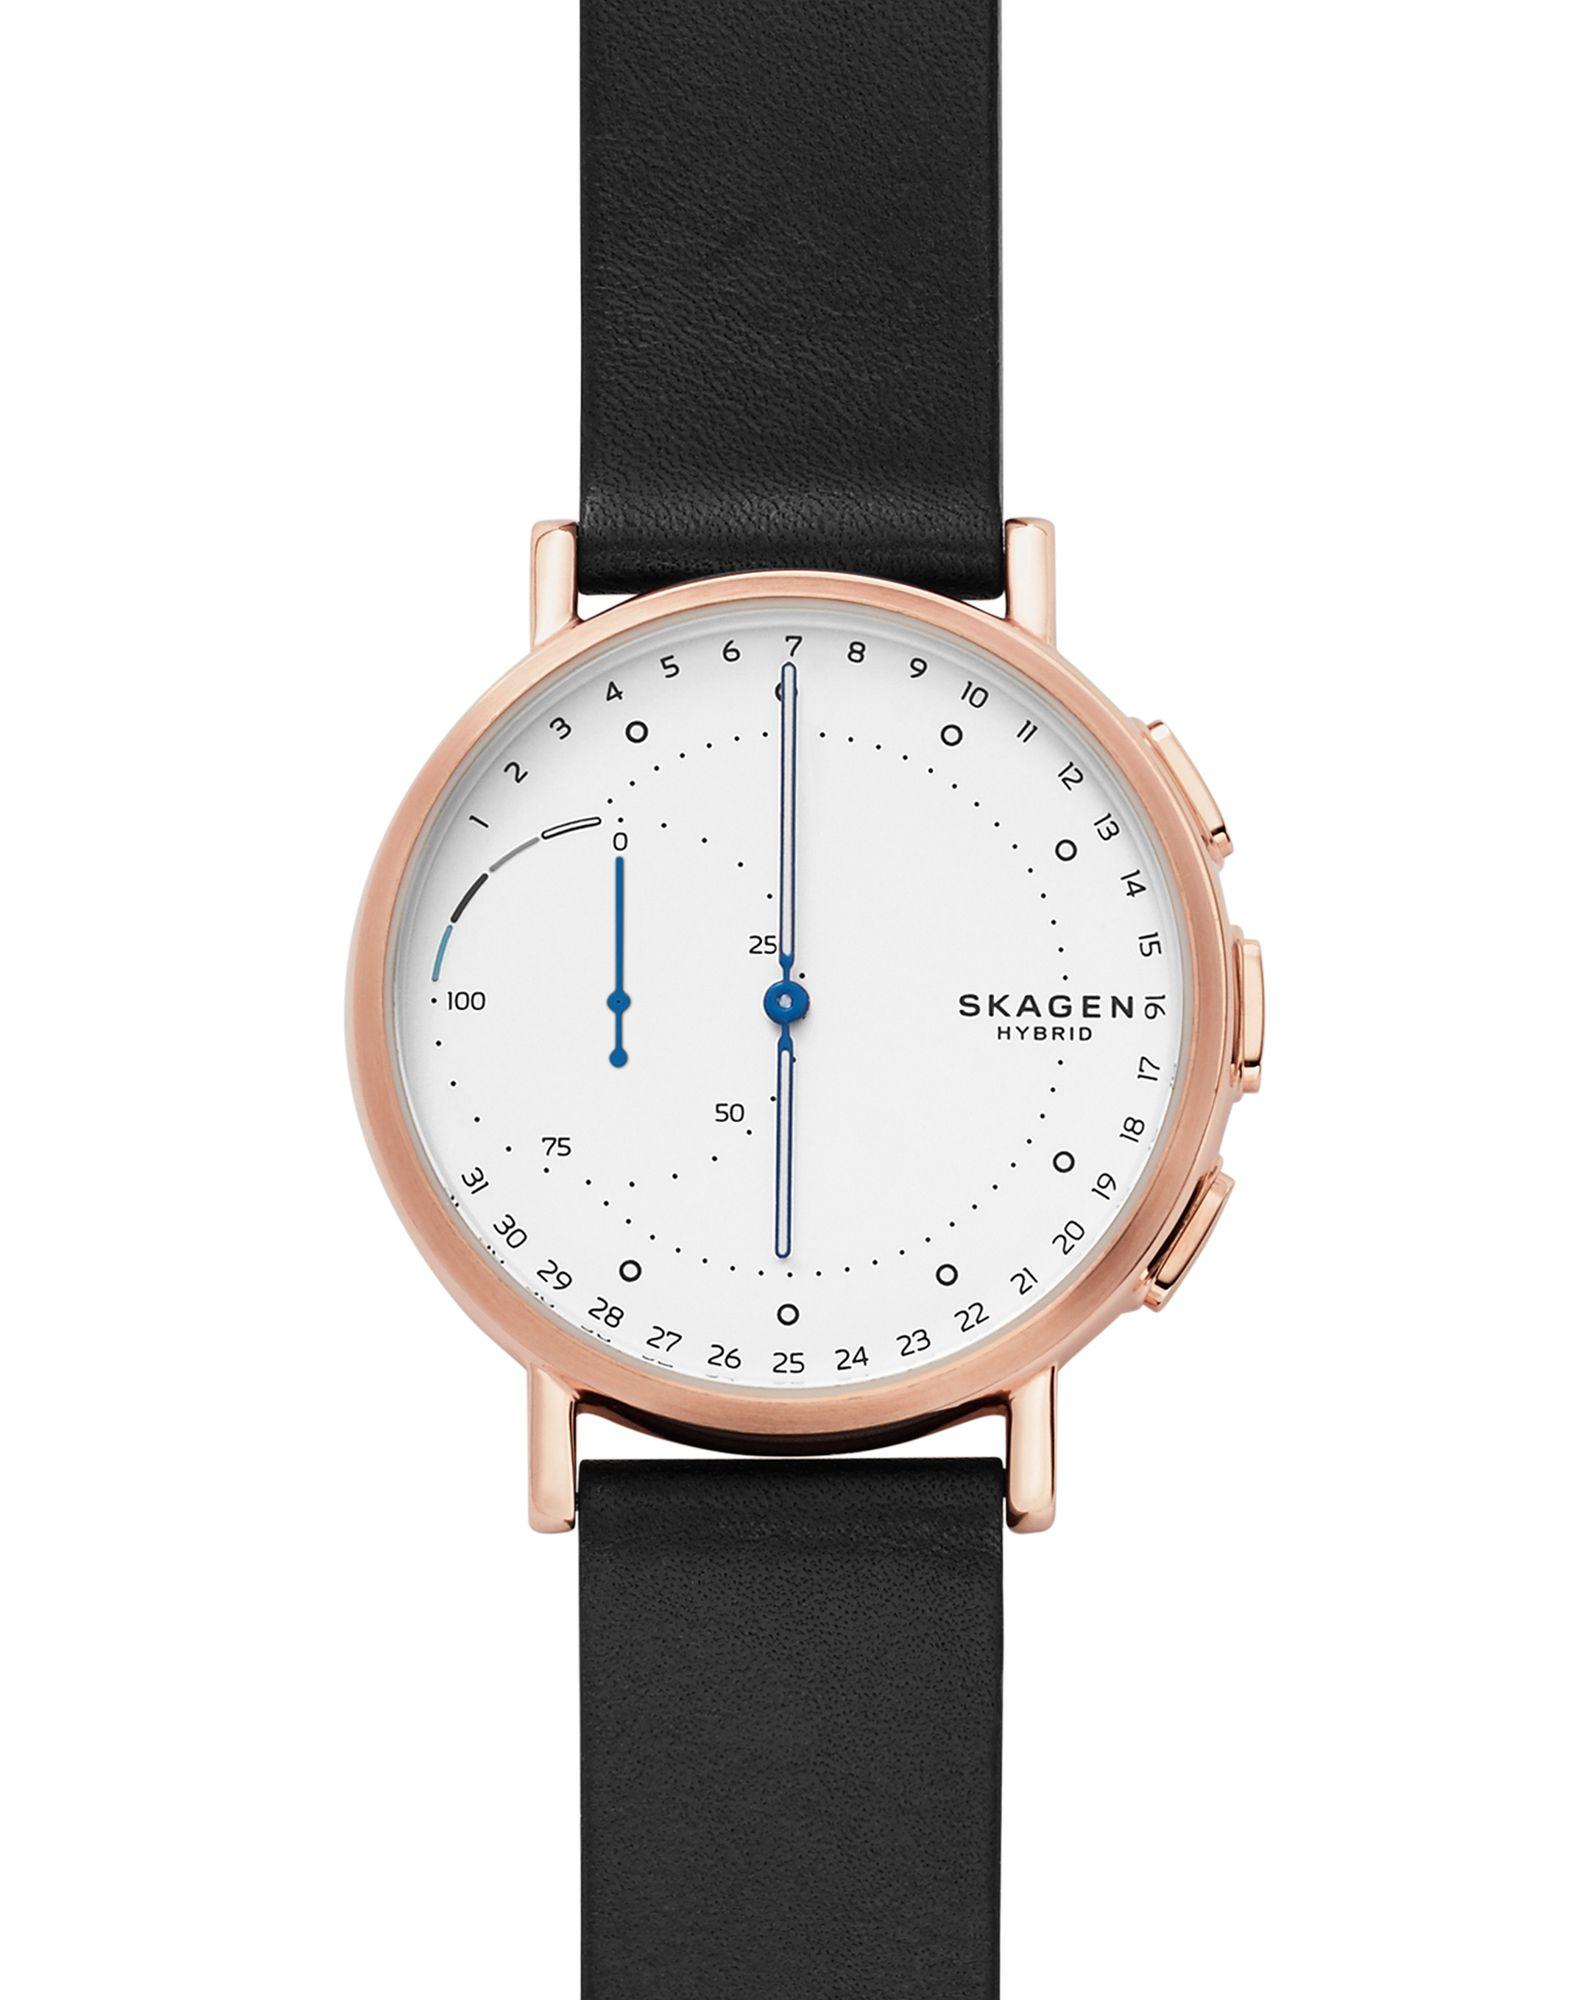 SKAGEN CONNECTED Herren Smartwatch Farbe Weiß Größe 1 - broschei